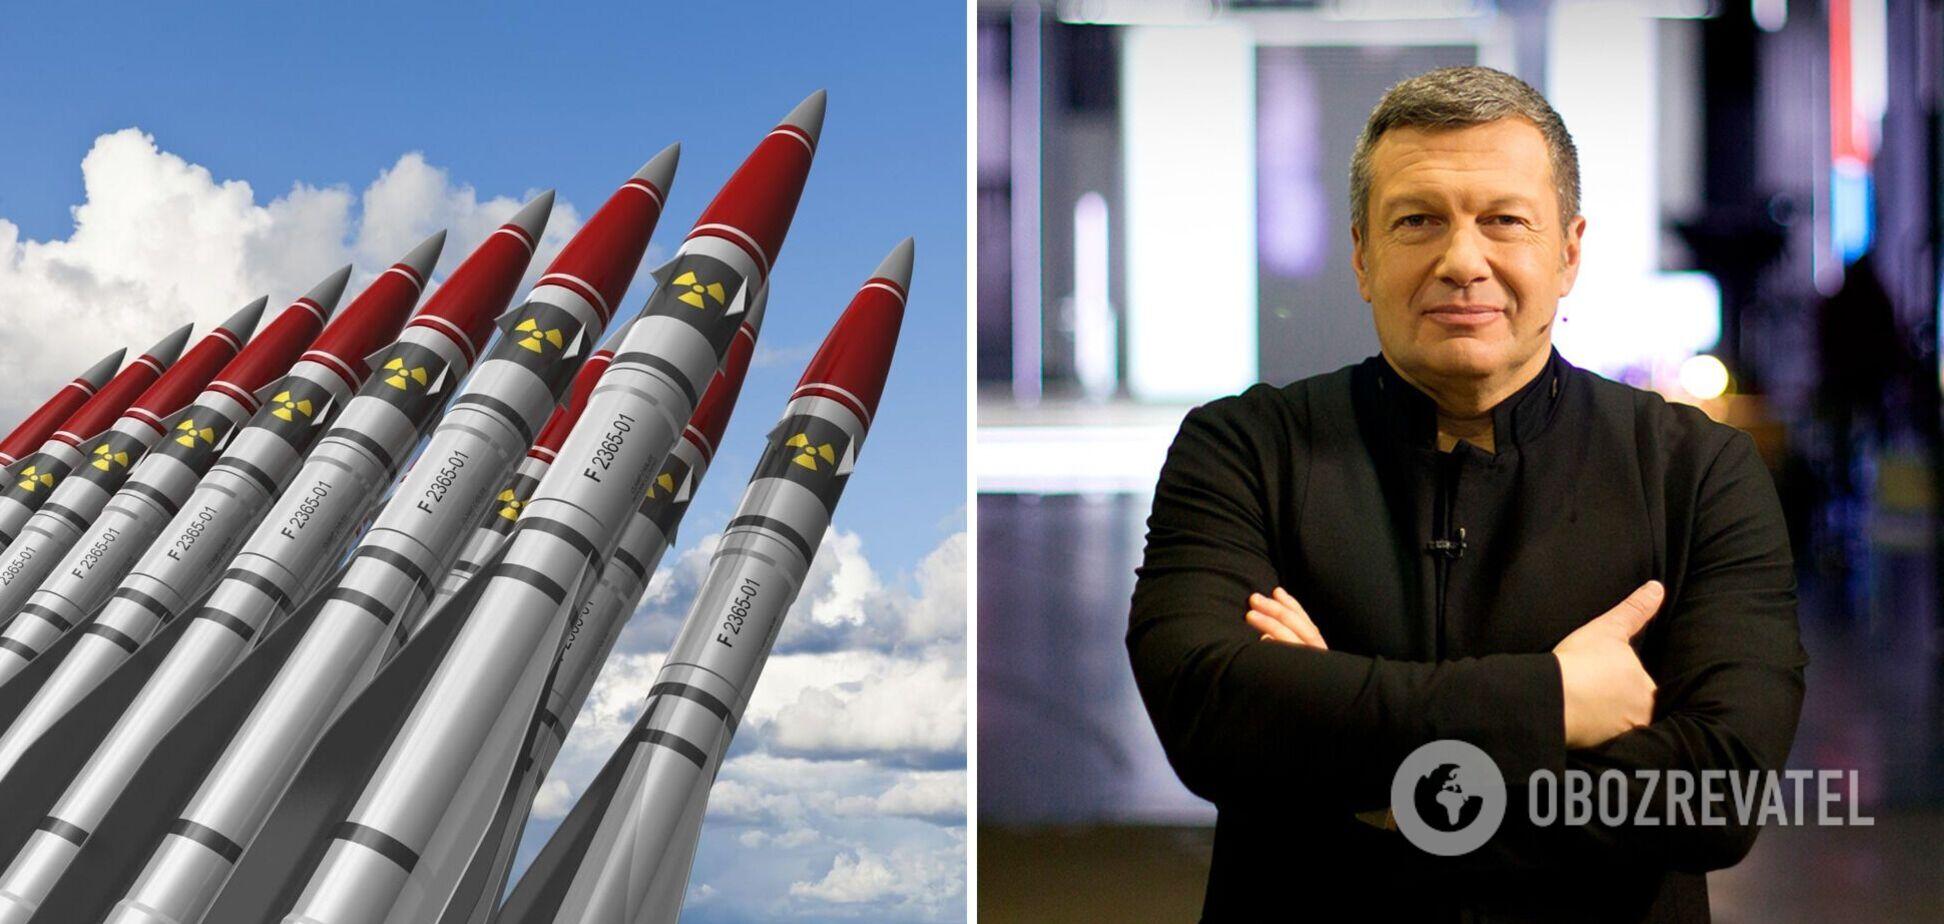 У Соловьева в студии обсуждали 'демонстрационный ядерный взрыв' для запугивания Украины. Видео